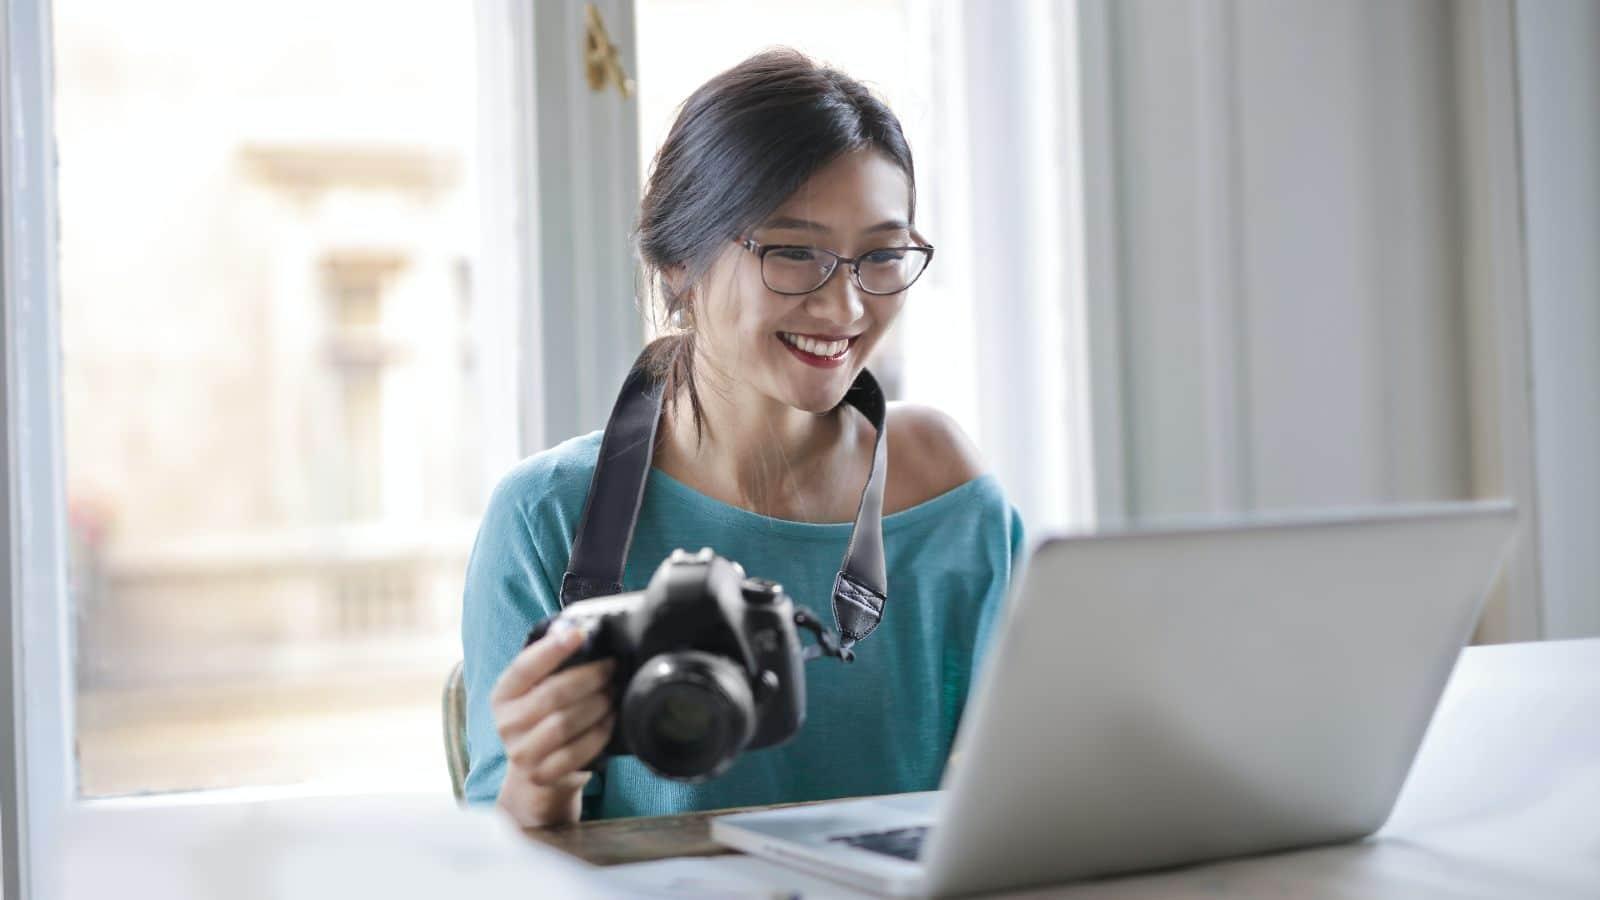 7 Estrategias Comerciales para Fotógrafos que te Ayudarán a Impulsar tu Negocio Fotográfico